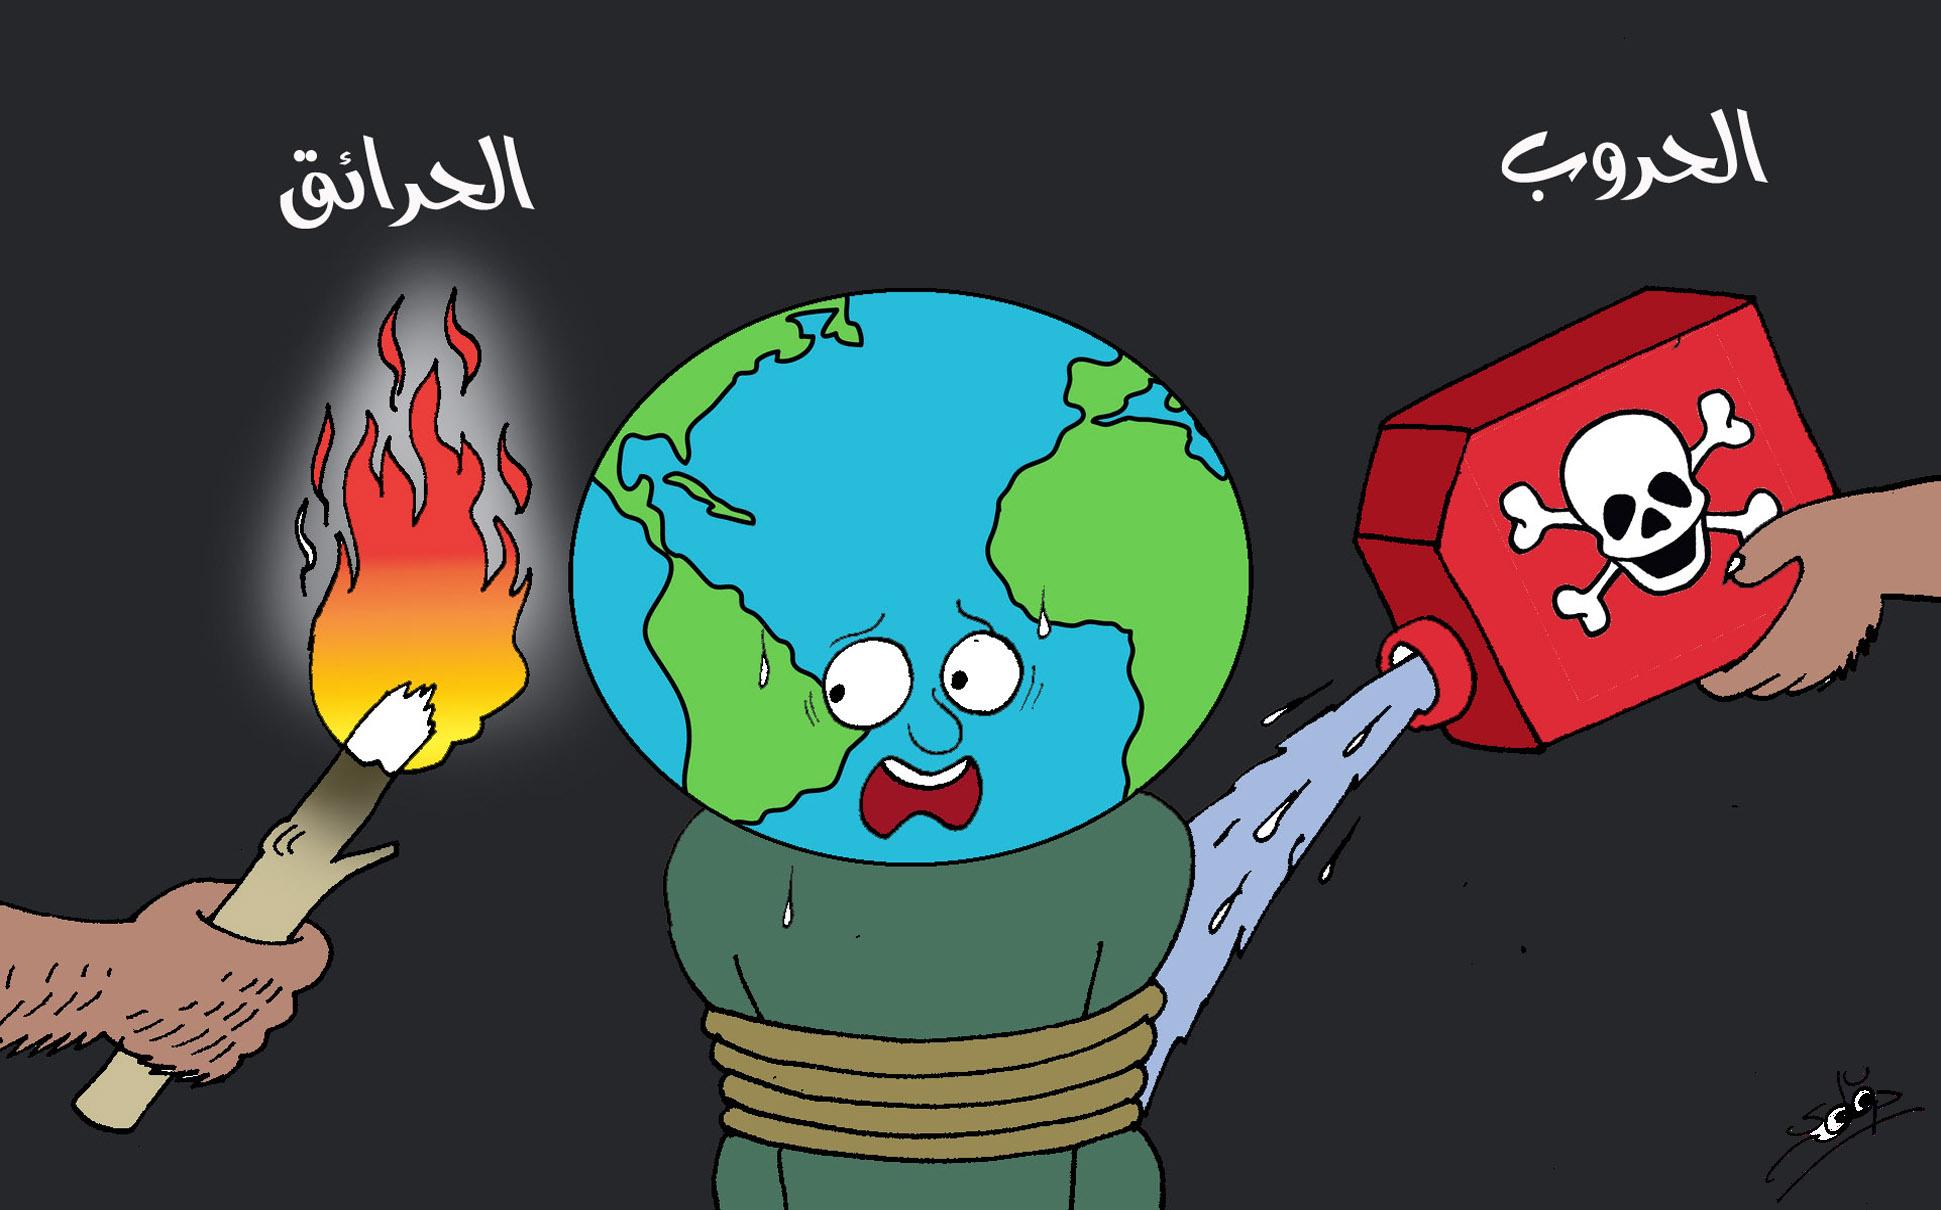 مخاطر تهدد العالم